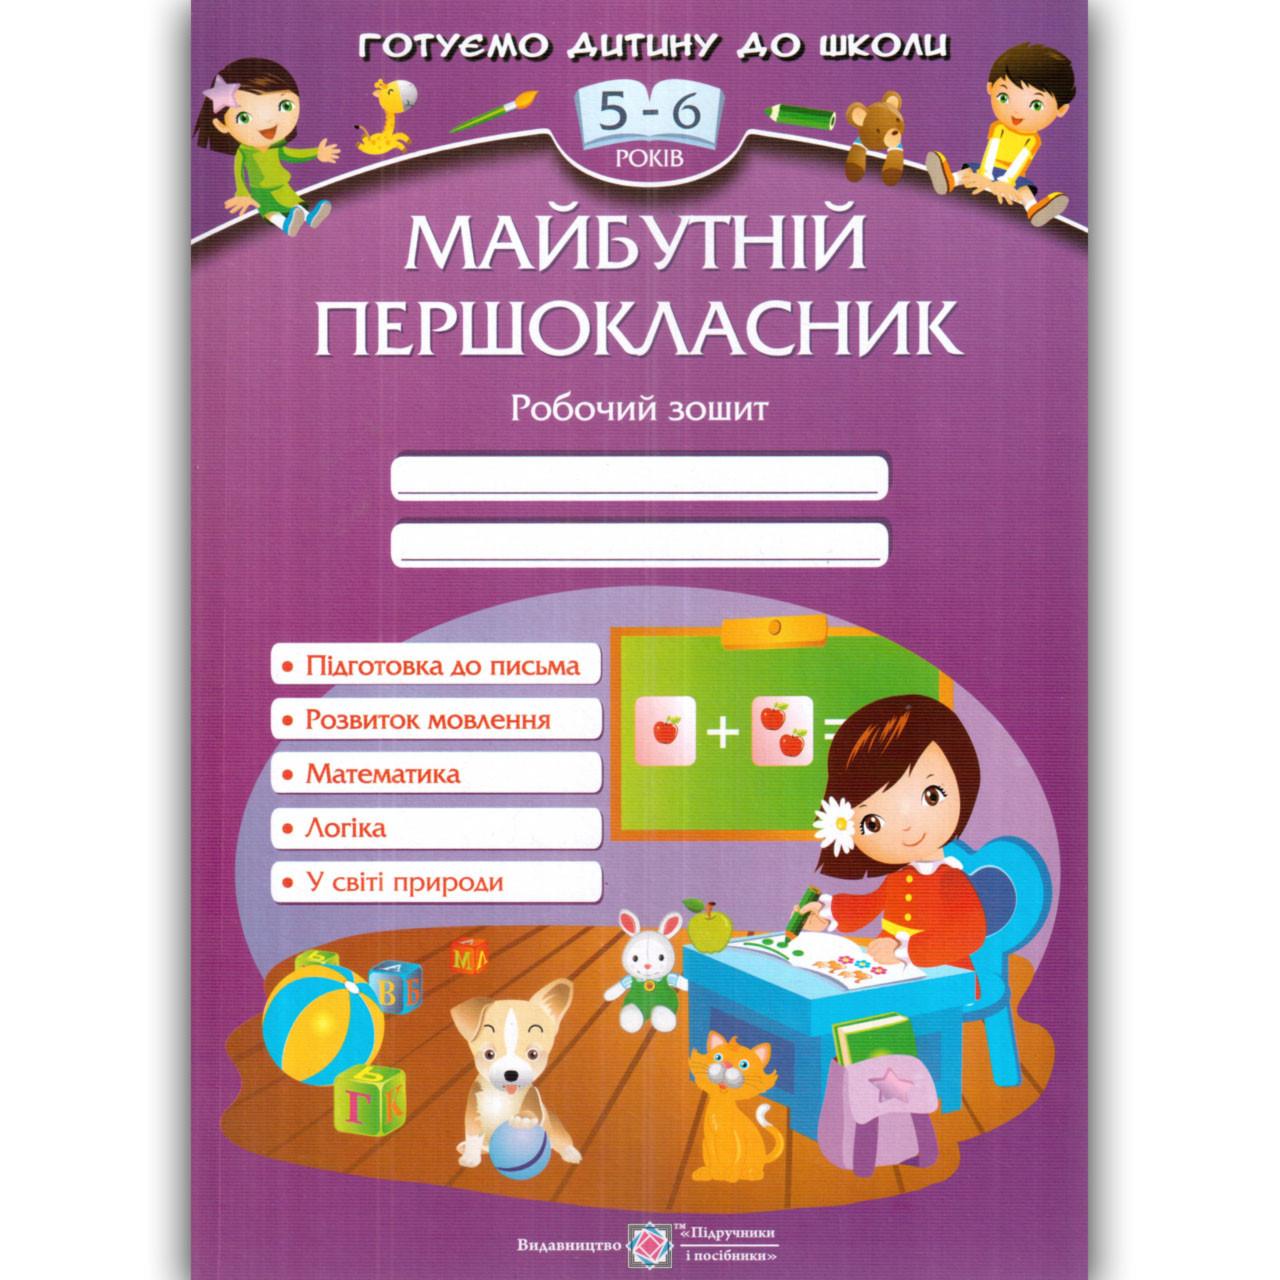 Майбутній першокласник Робочий зошит 5-6 років Авт: Косован О. Вид: Підручники і Посібники